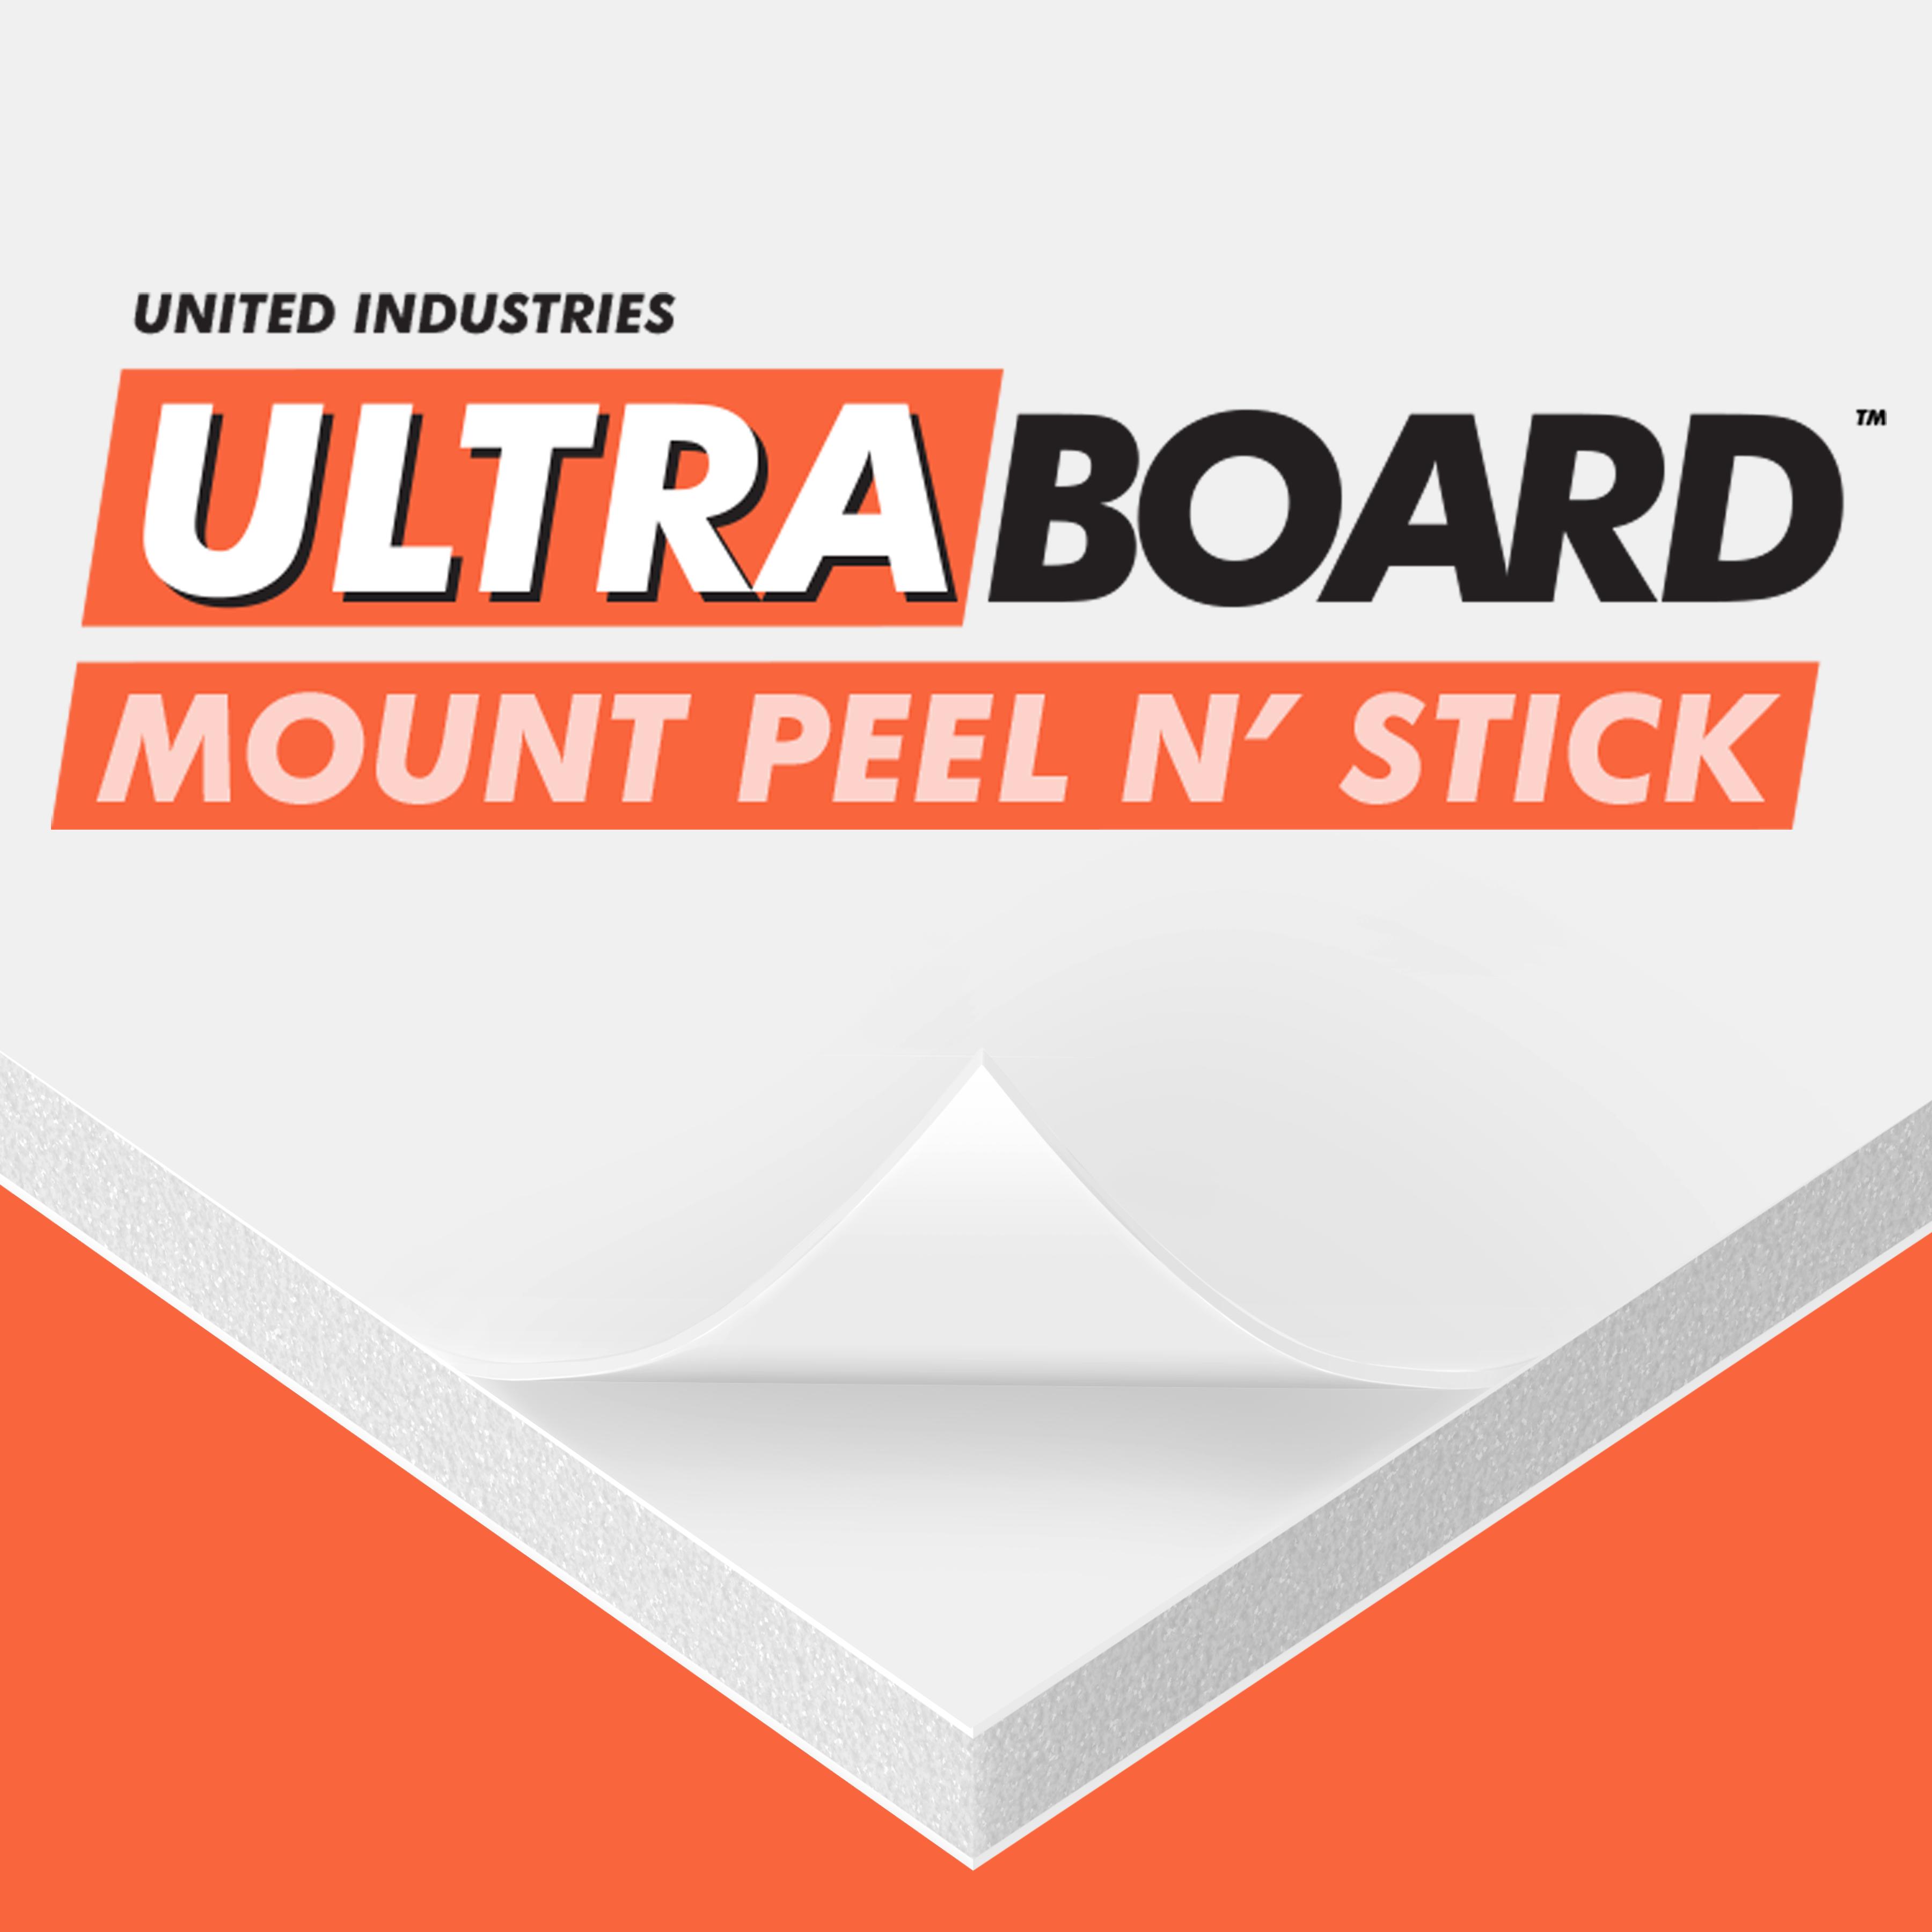 UltraBoard Mount Peel N' Stick